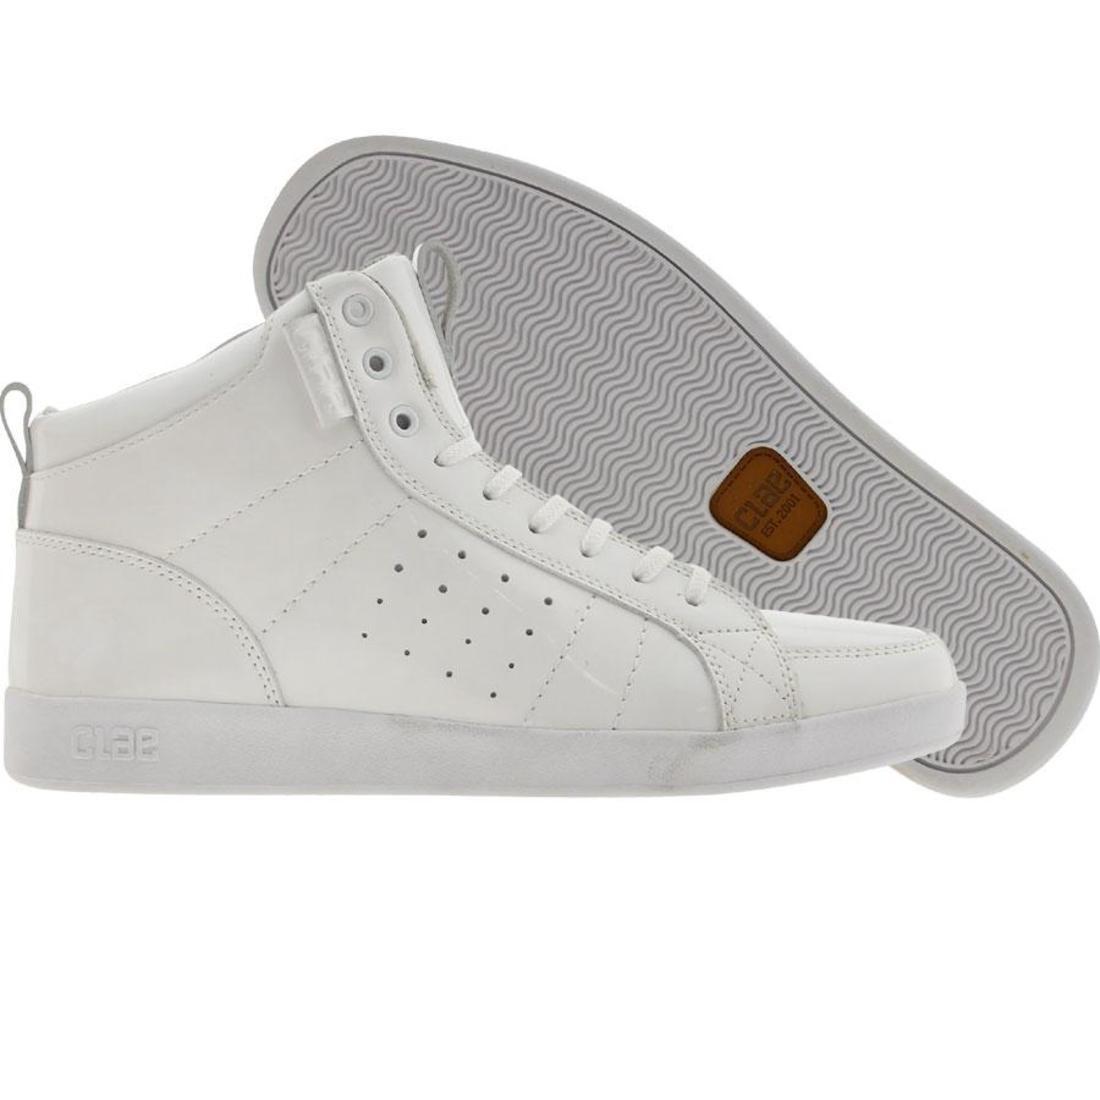 【海外限定】ラッセル 靴 メンズ靴 【 CLAE RUSSELL WHITE PATENT 】